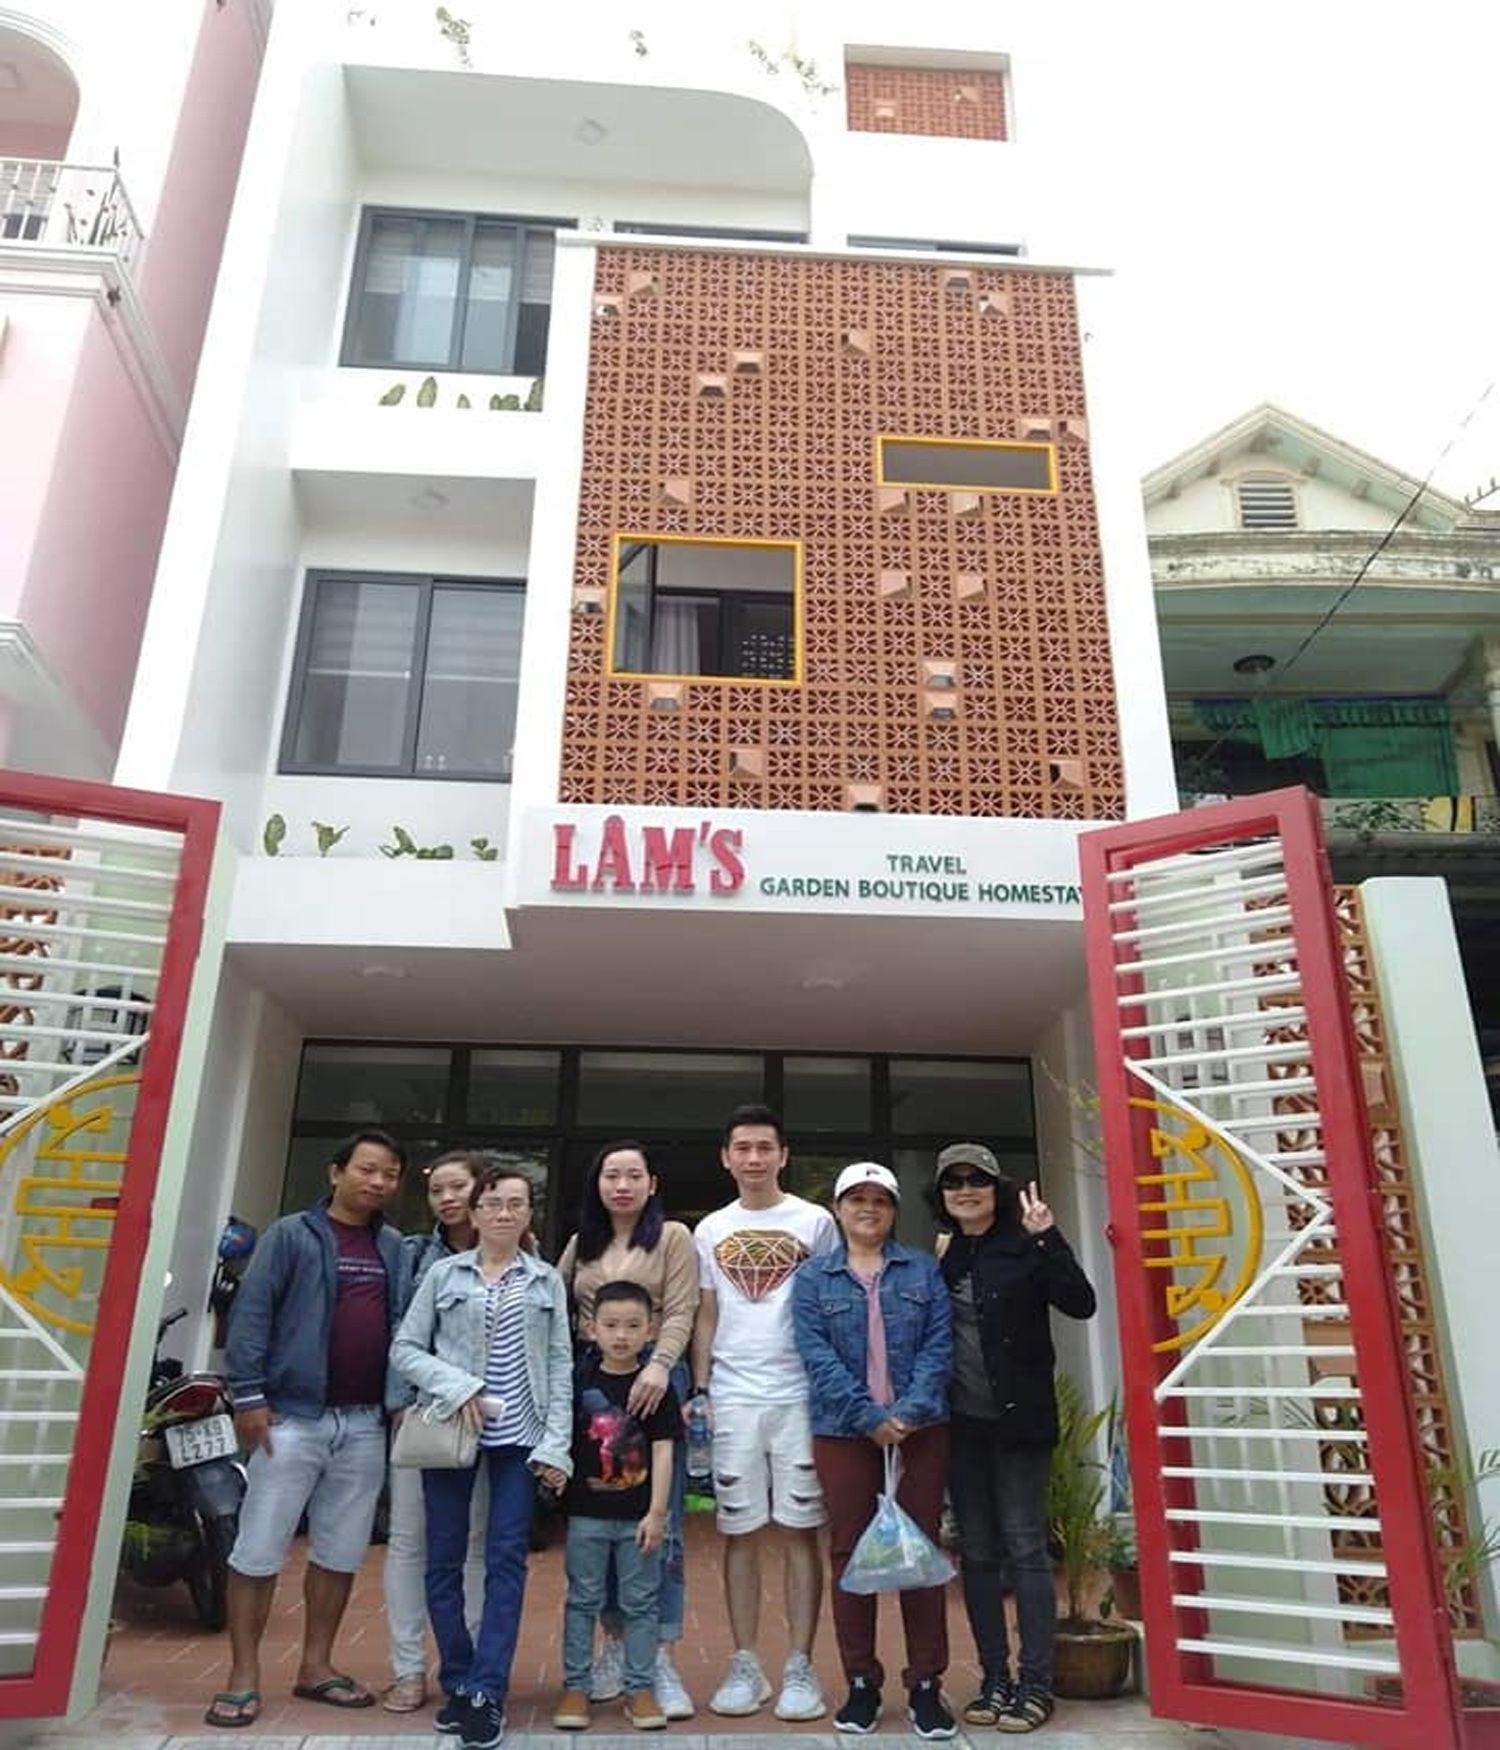 Lâm's Garden Boutique Homestay